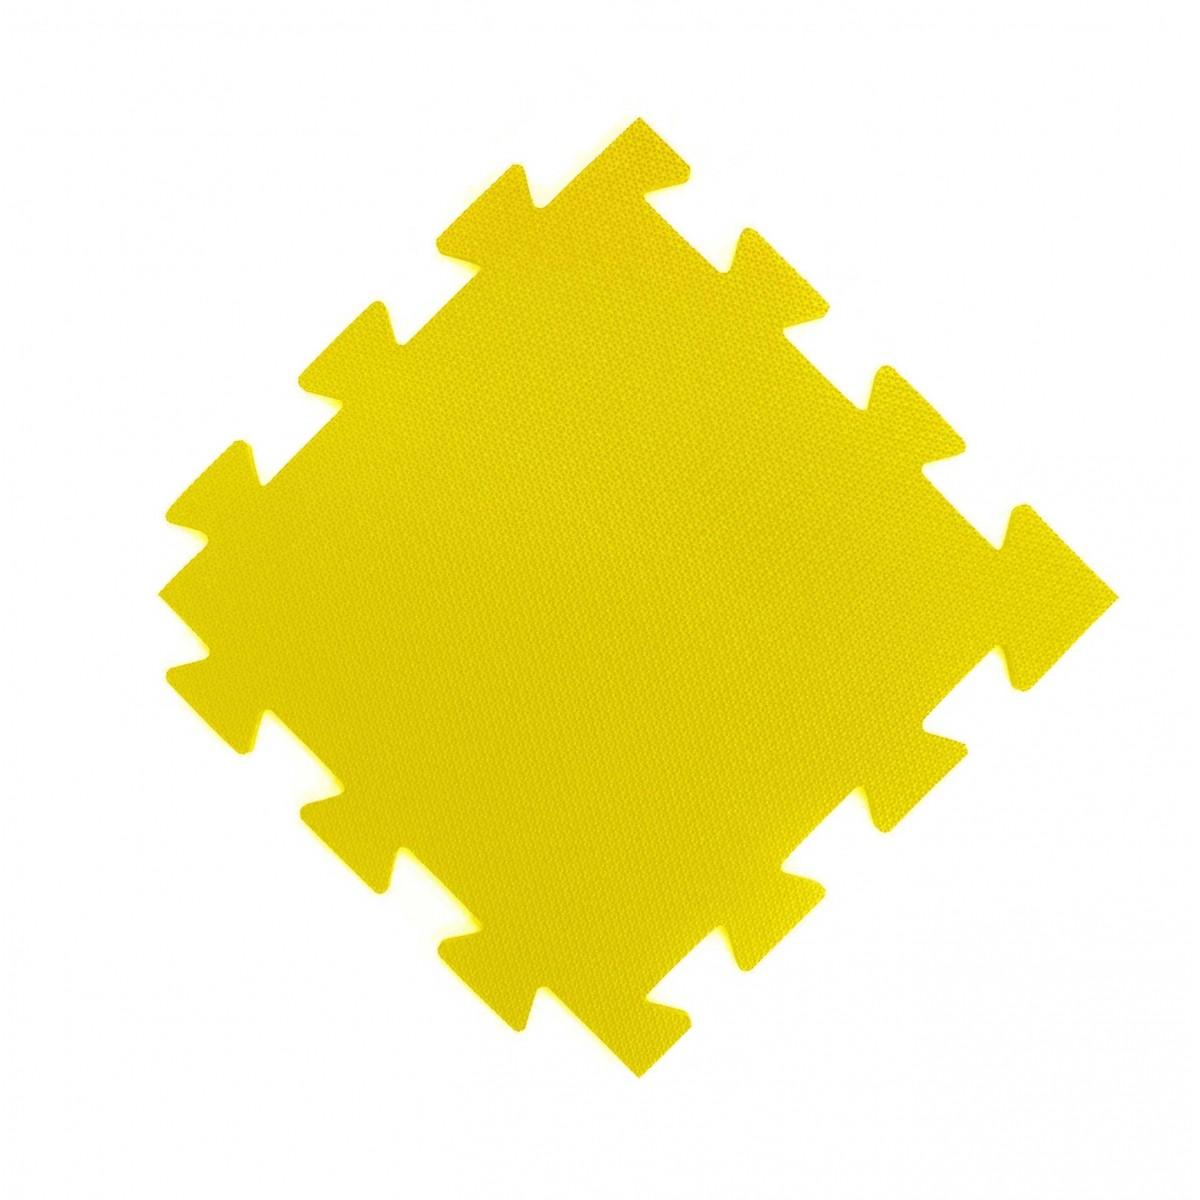 Tatame 50x50cm Com 10mm de Espessura   Amarelo  -